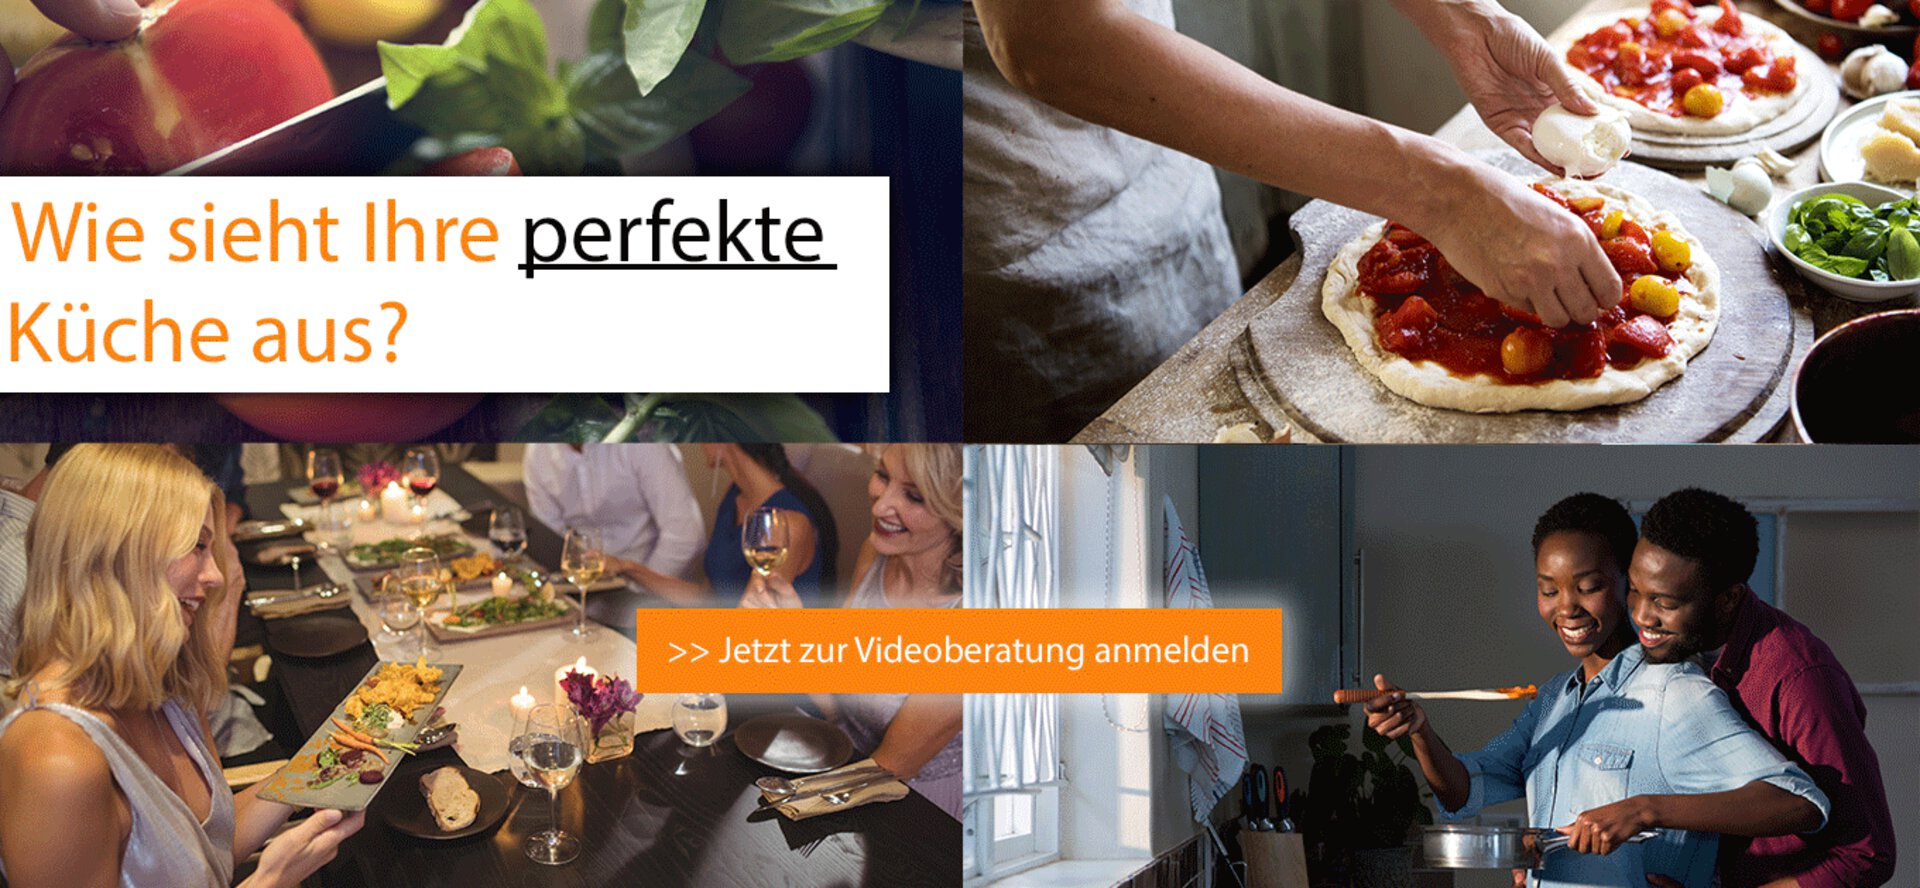 küchen beratung heimberatung möbel inhofer video beratung online bereatung